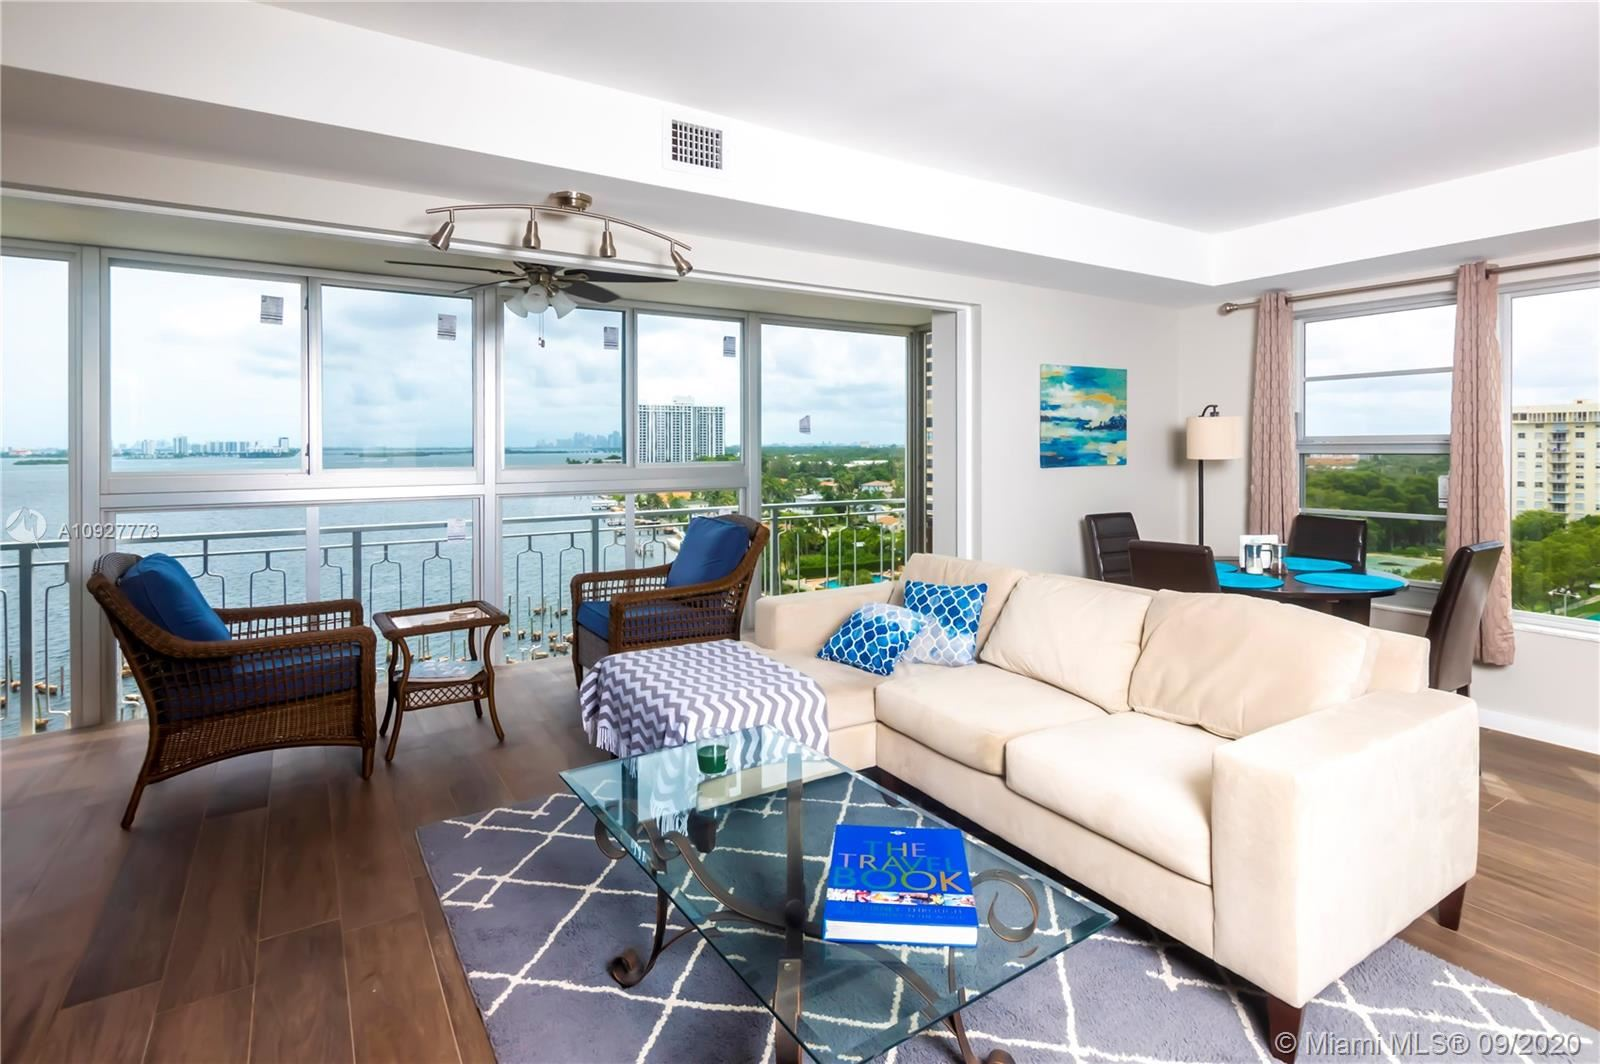 11111 Biscayne Blvd #11G, Miami, FL 33181 - #: A10927773